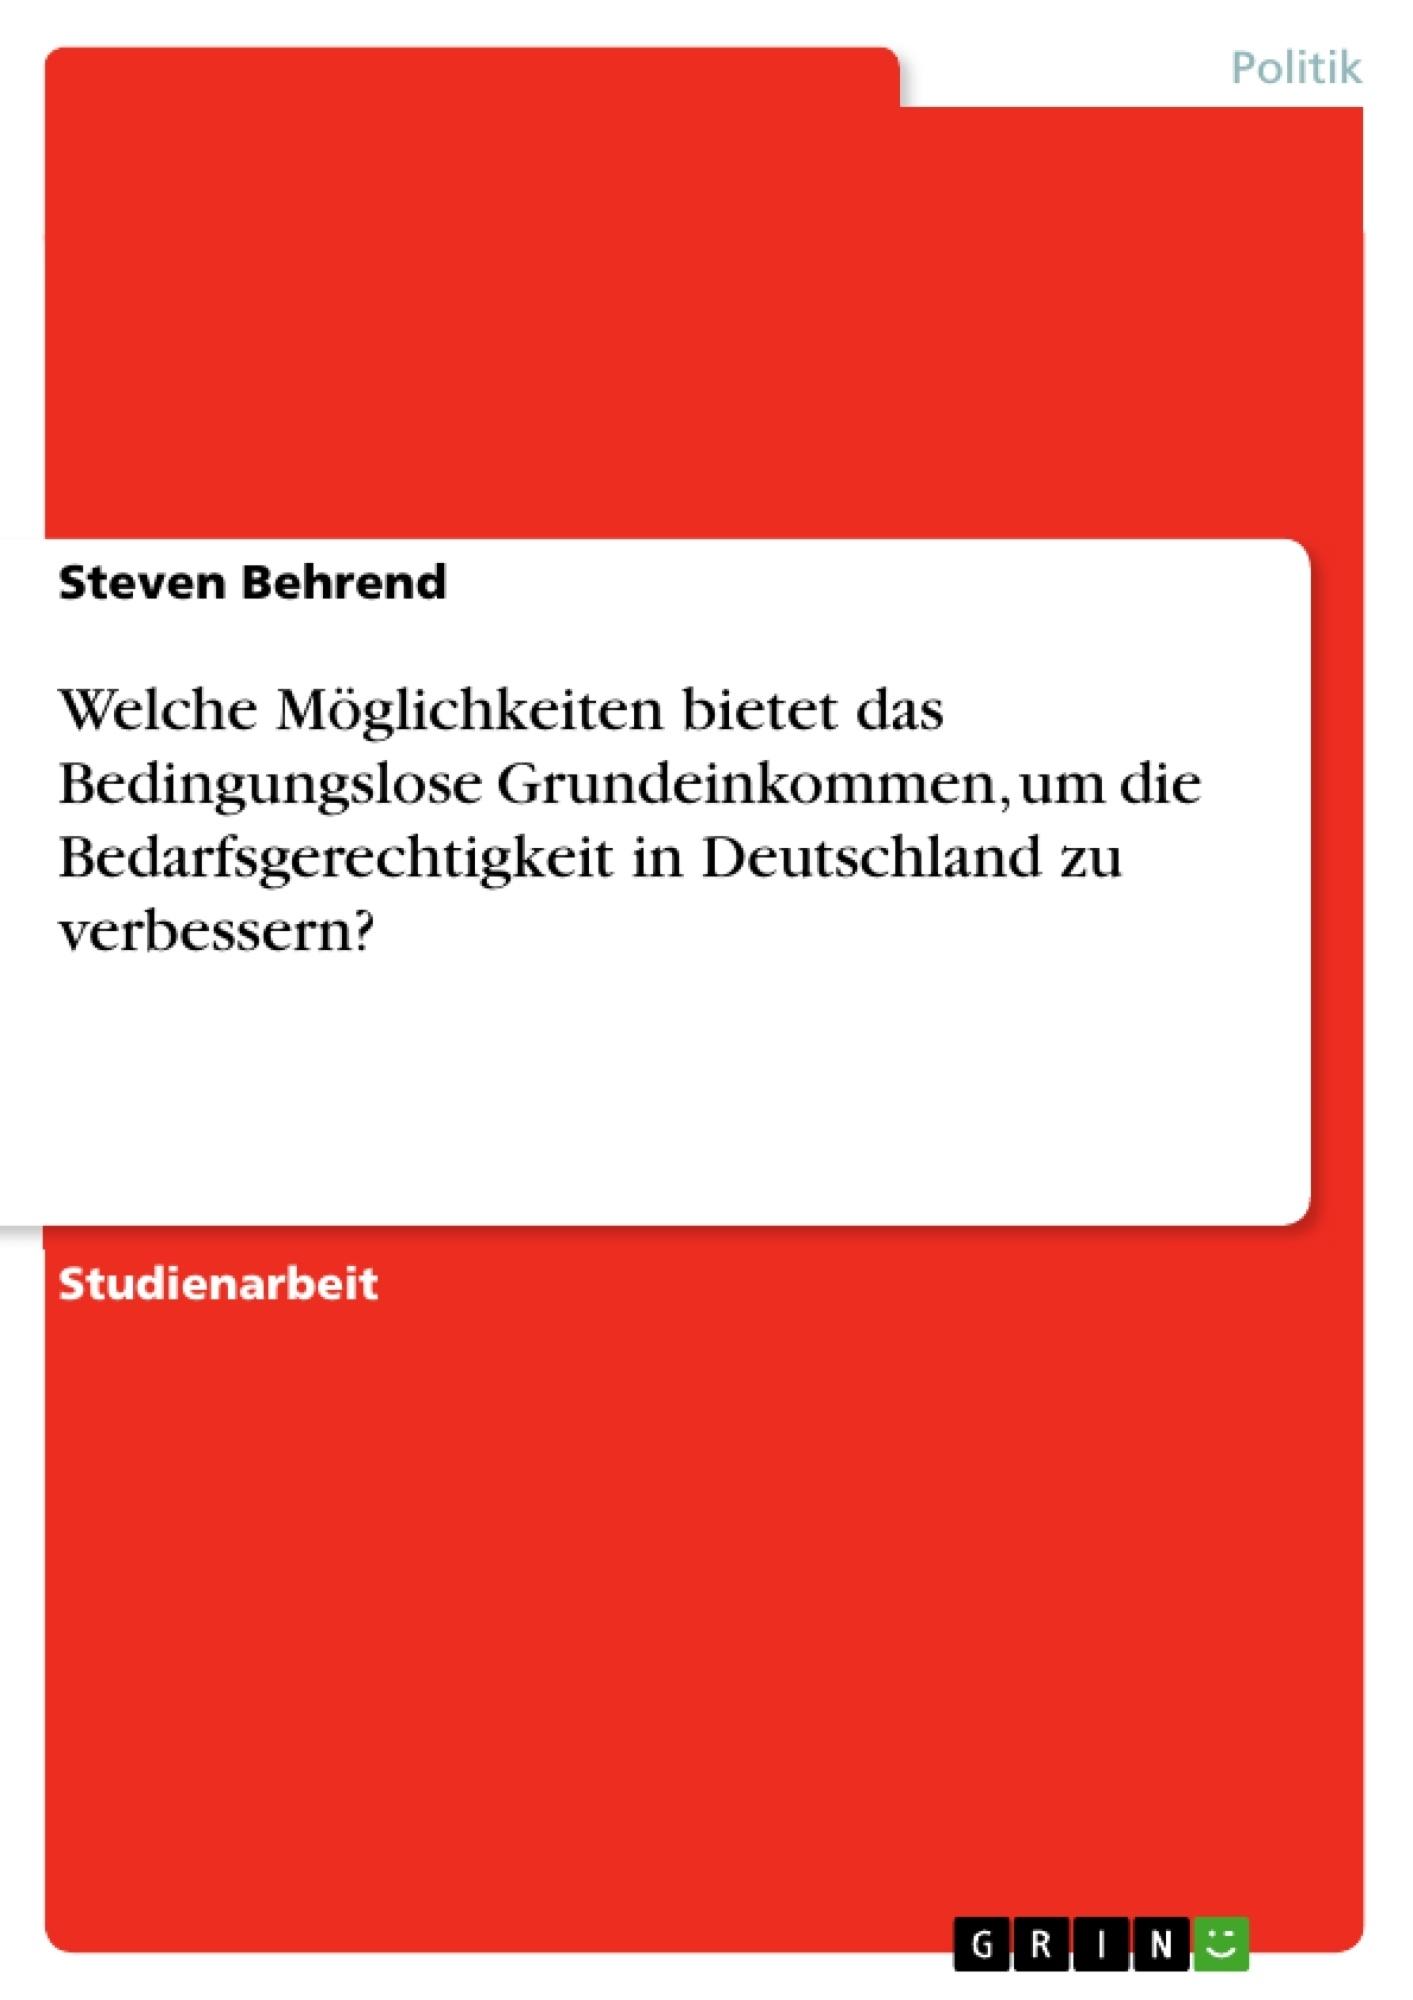 Titel: Welche Möglichkeiten bietet das Bedingungslose Grundeinkommen, um die Bedarfsgerechtigkeit in Deutschland zu verbessern?